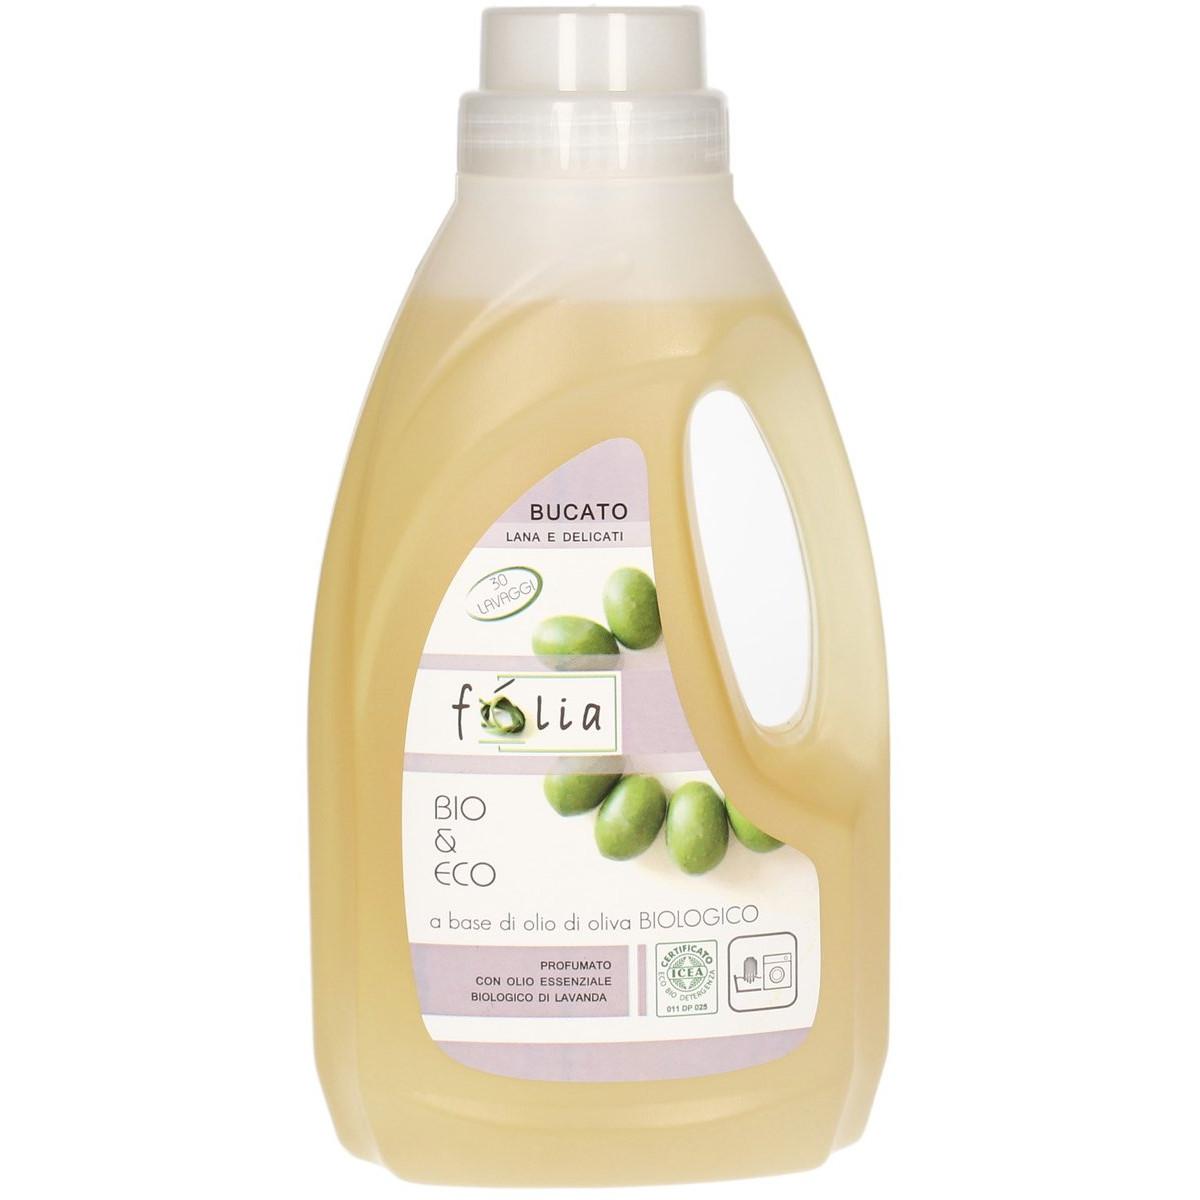 Detergentes En Idun Nature Tienda Online De Cosm Tica Natural ~ Dosificador De Detergente Para Lavadoras